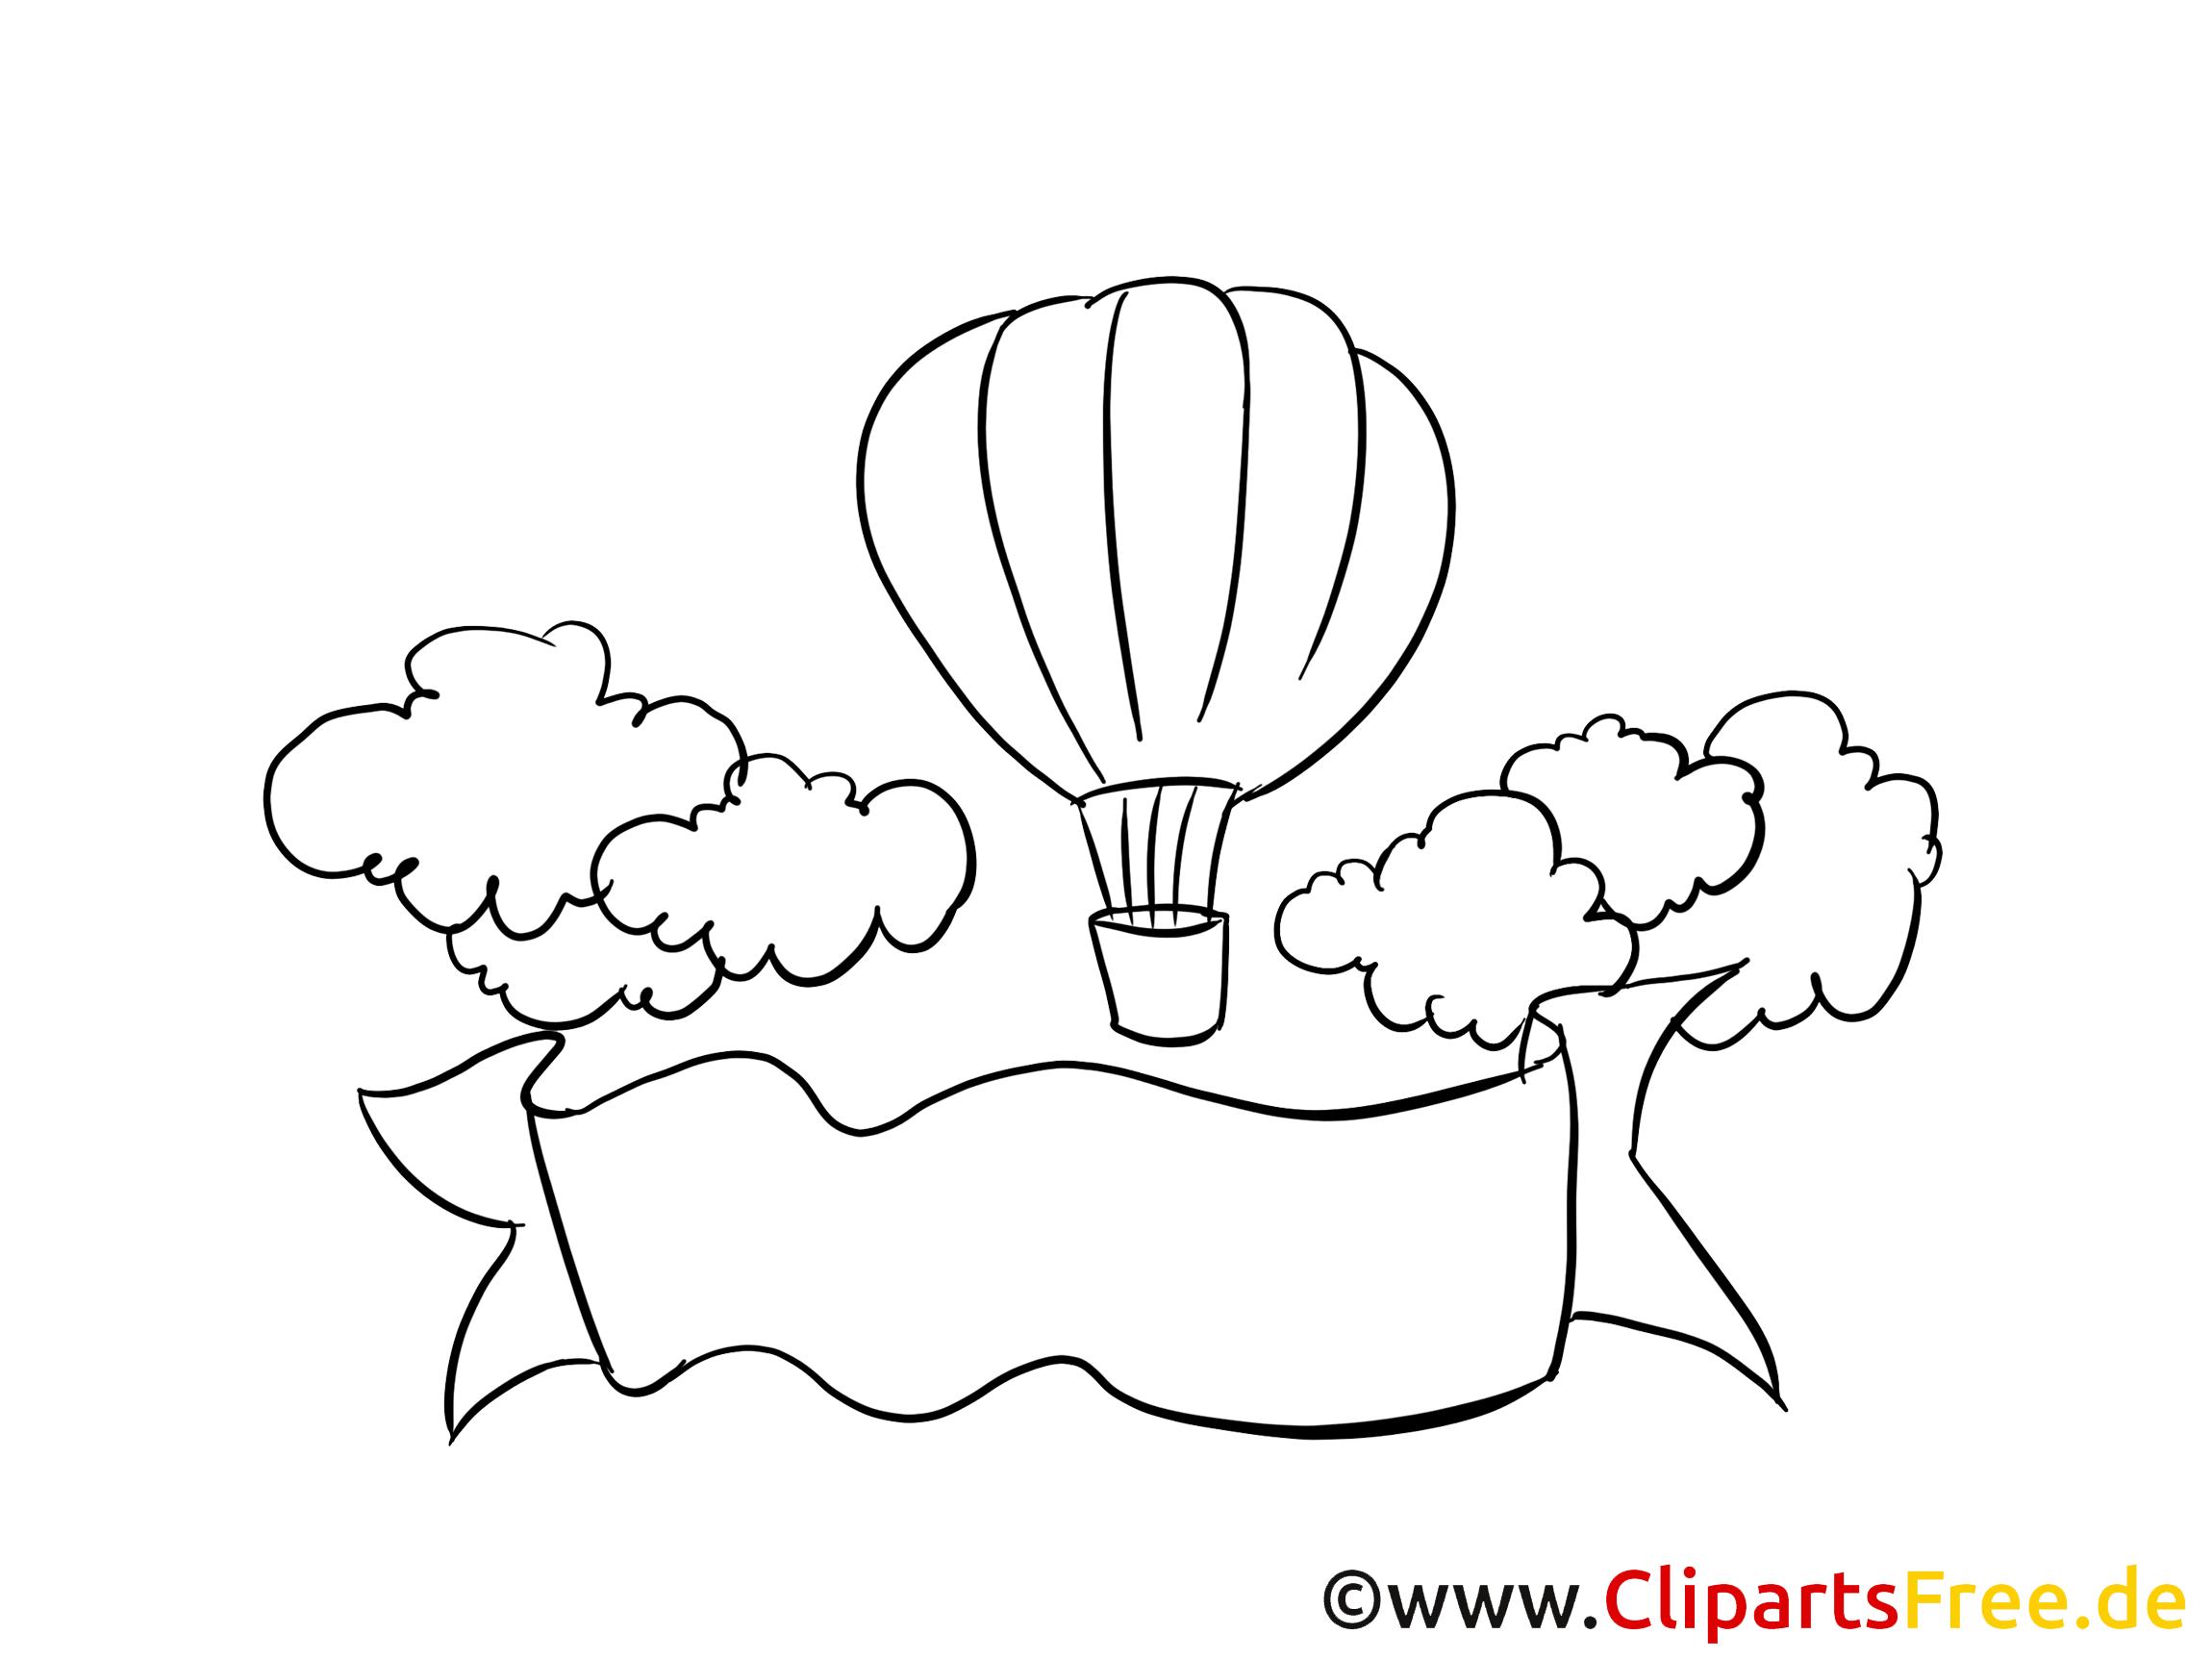 Flug Mit Luftballon Clipart Bild Zeichnung